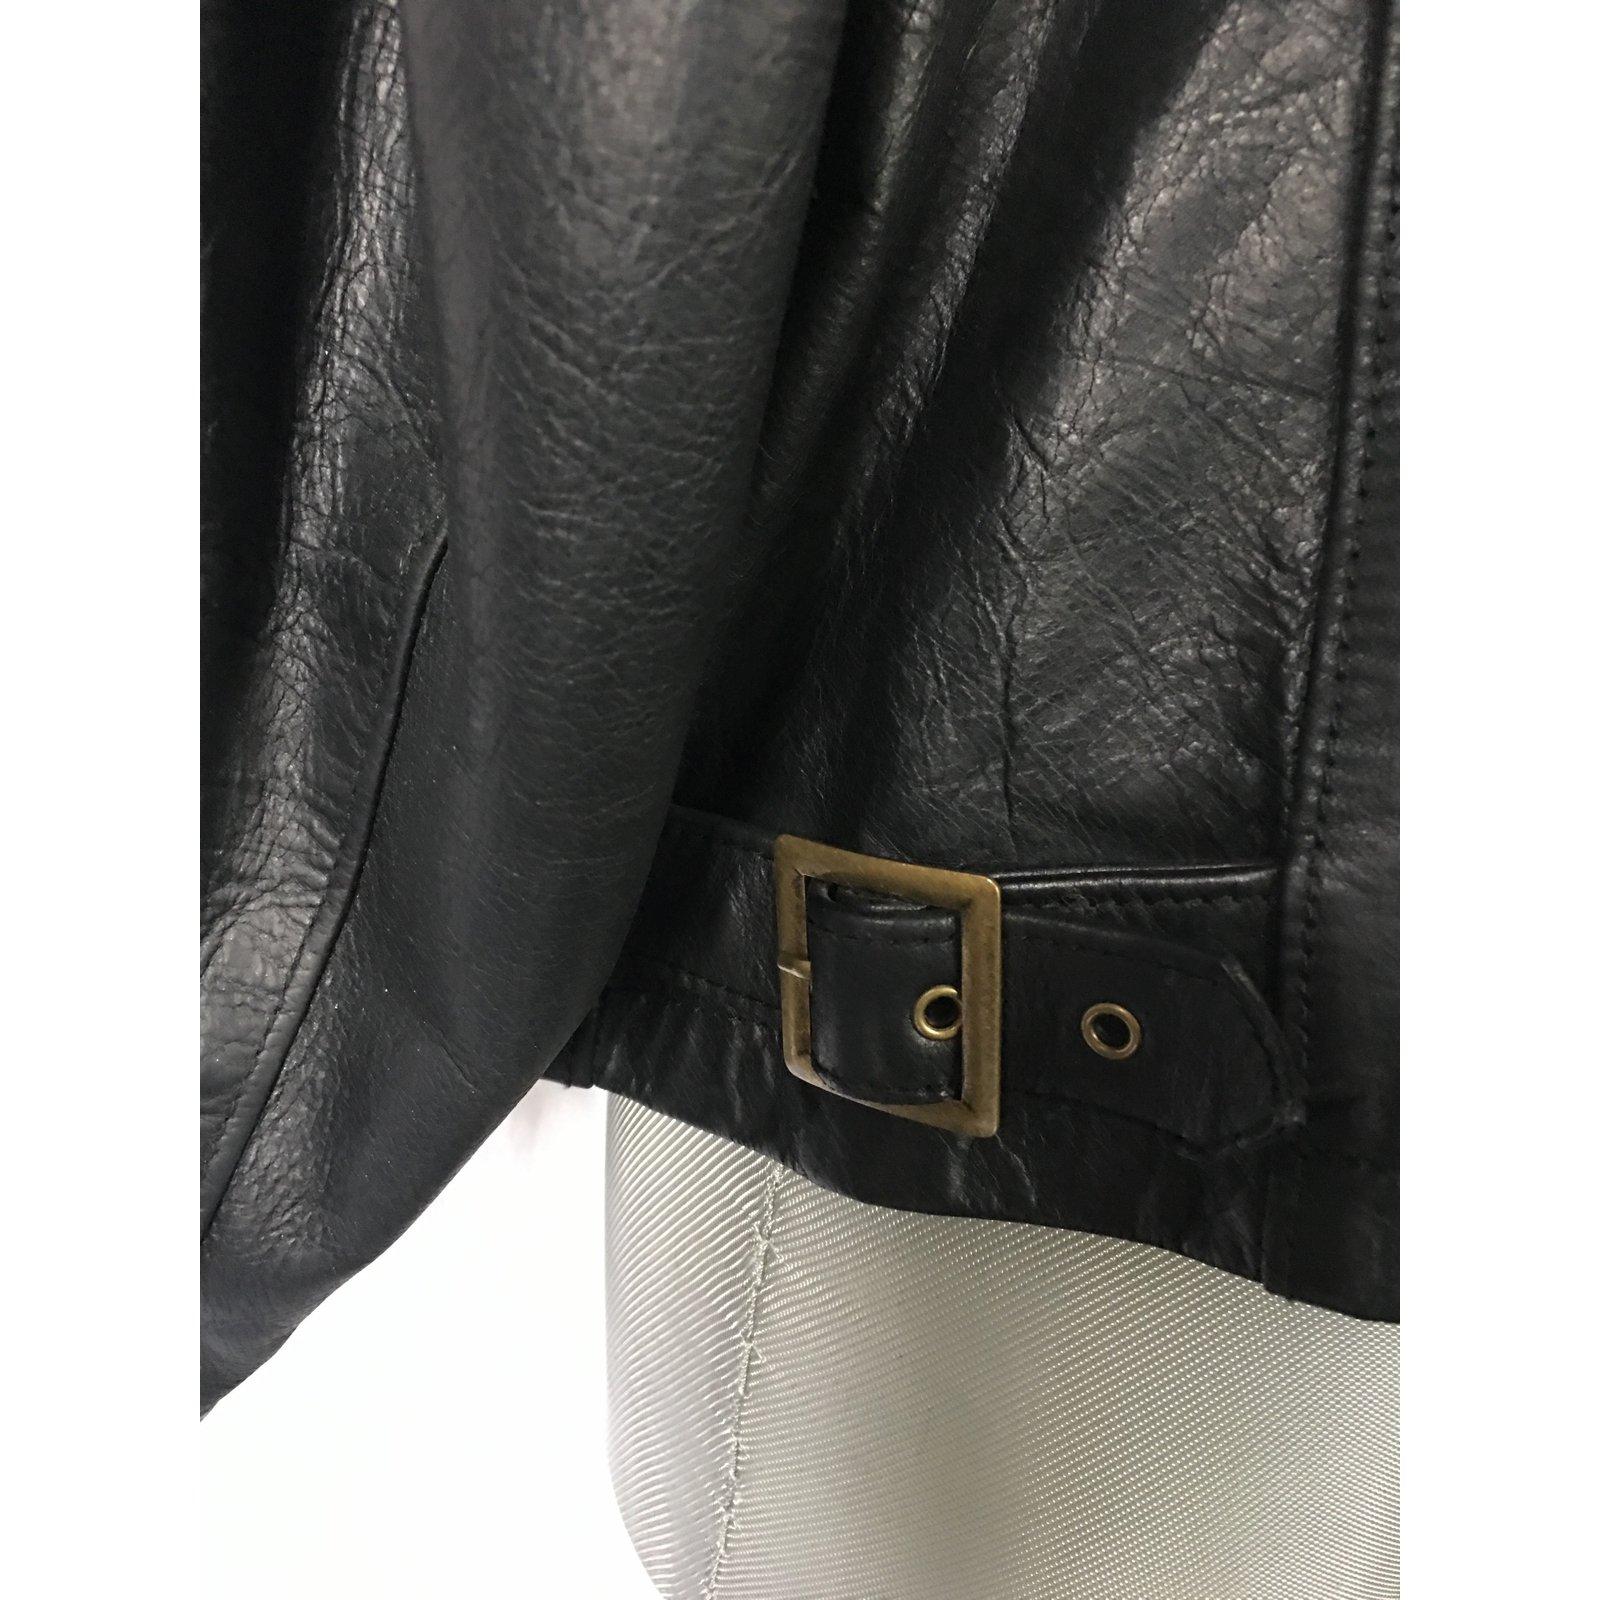 6d589023abde4c Vestes, blousons Polo Ralph Lauren Blouson cuir Polo Jeans Company RL  Cuir,acetate Noir ref.50328 - Joli Closet